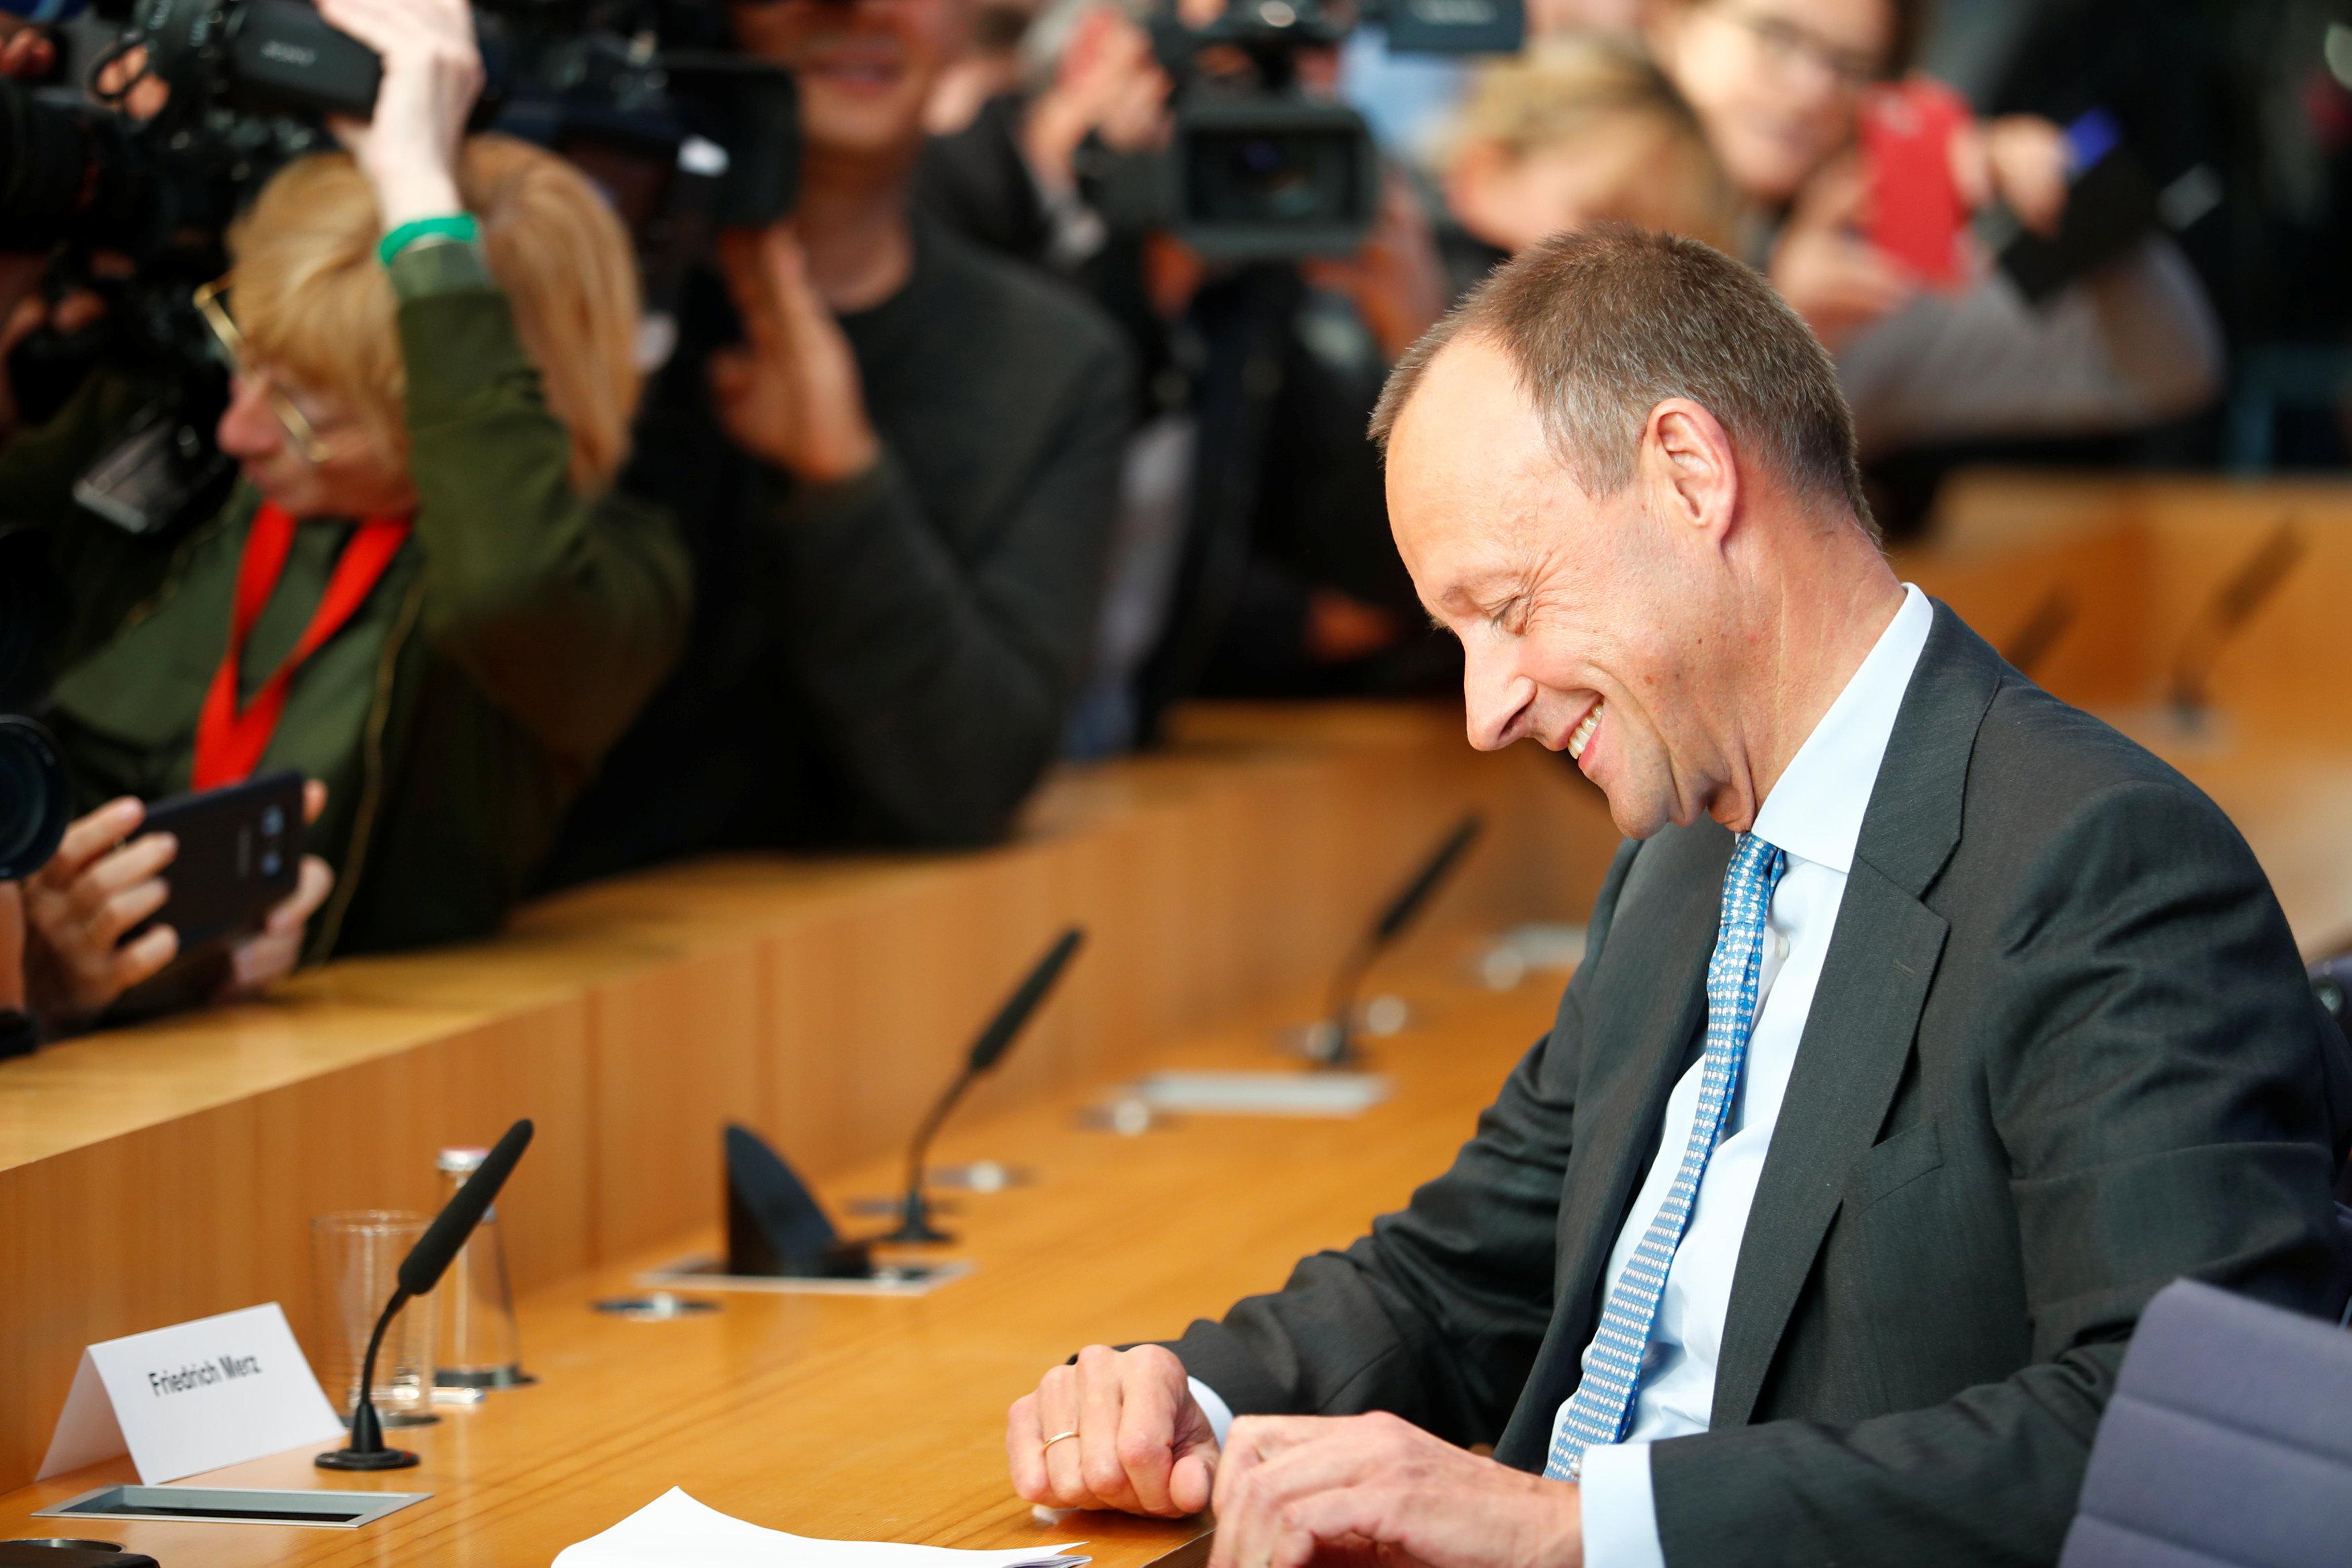 Фрідріх Мерц – колишній лідер фракції консерваторів у бундестазі, а нині практикуючий адвокат